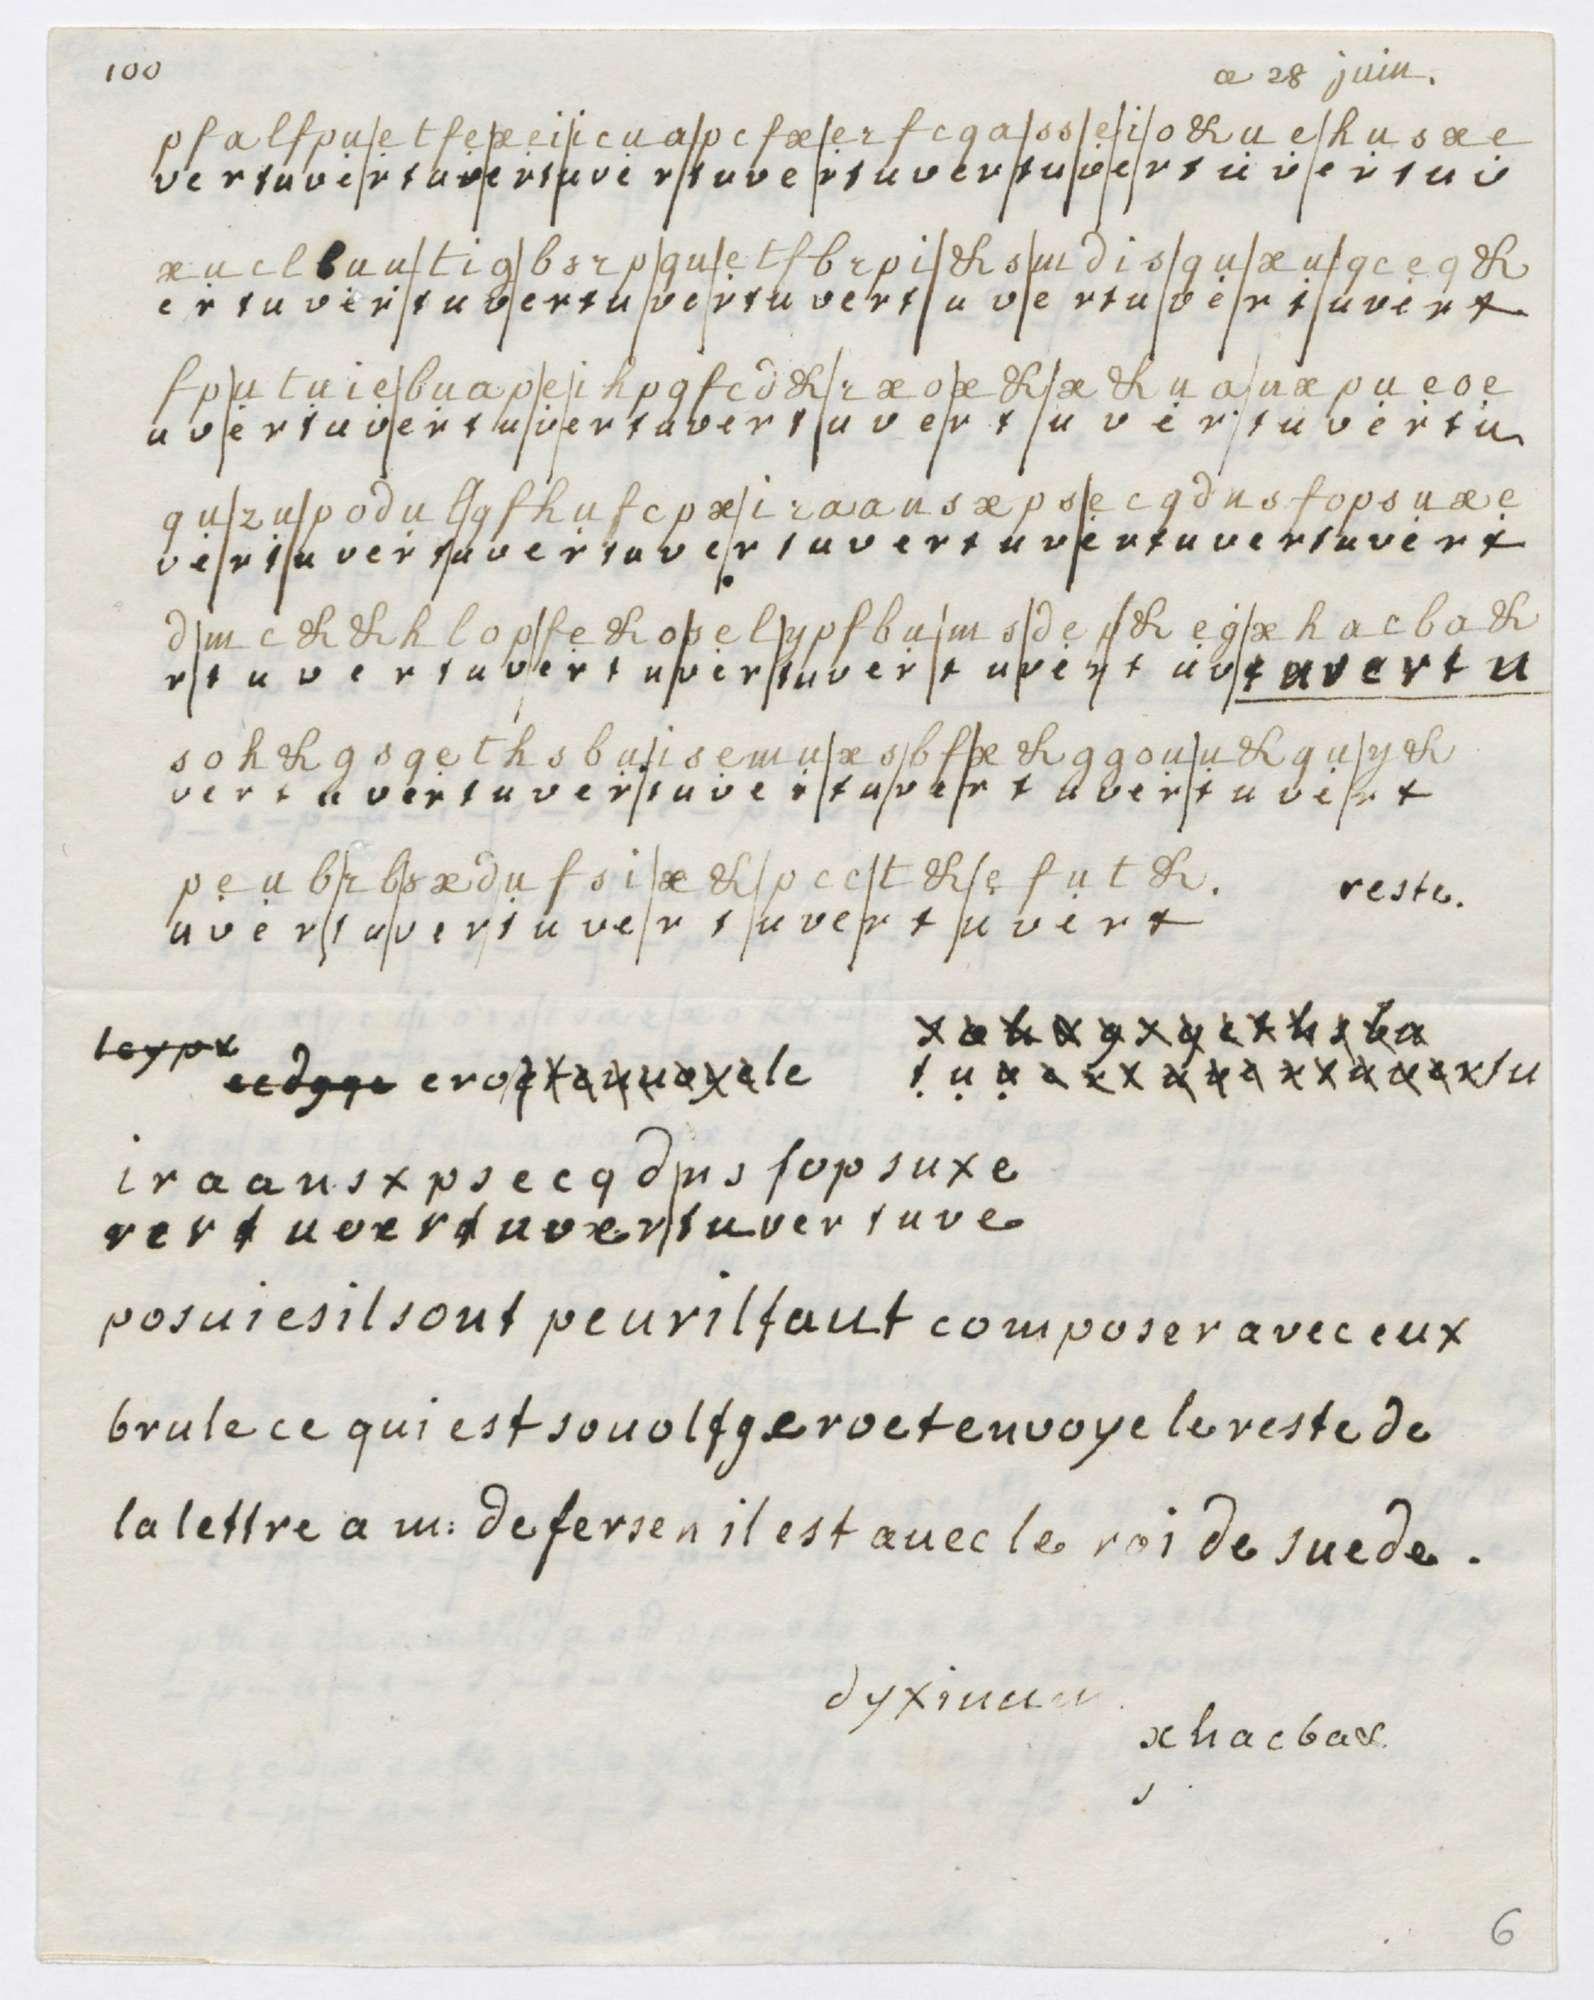 *Lettre cryptée échangée entre la reine Marie-Antoinette et le comte Axel de Fersen,\ datée du 28 juin 1791 - AN440AP/1, dossier 1, pièce 6, page 1*.